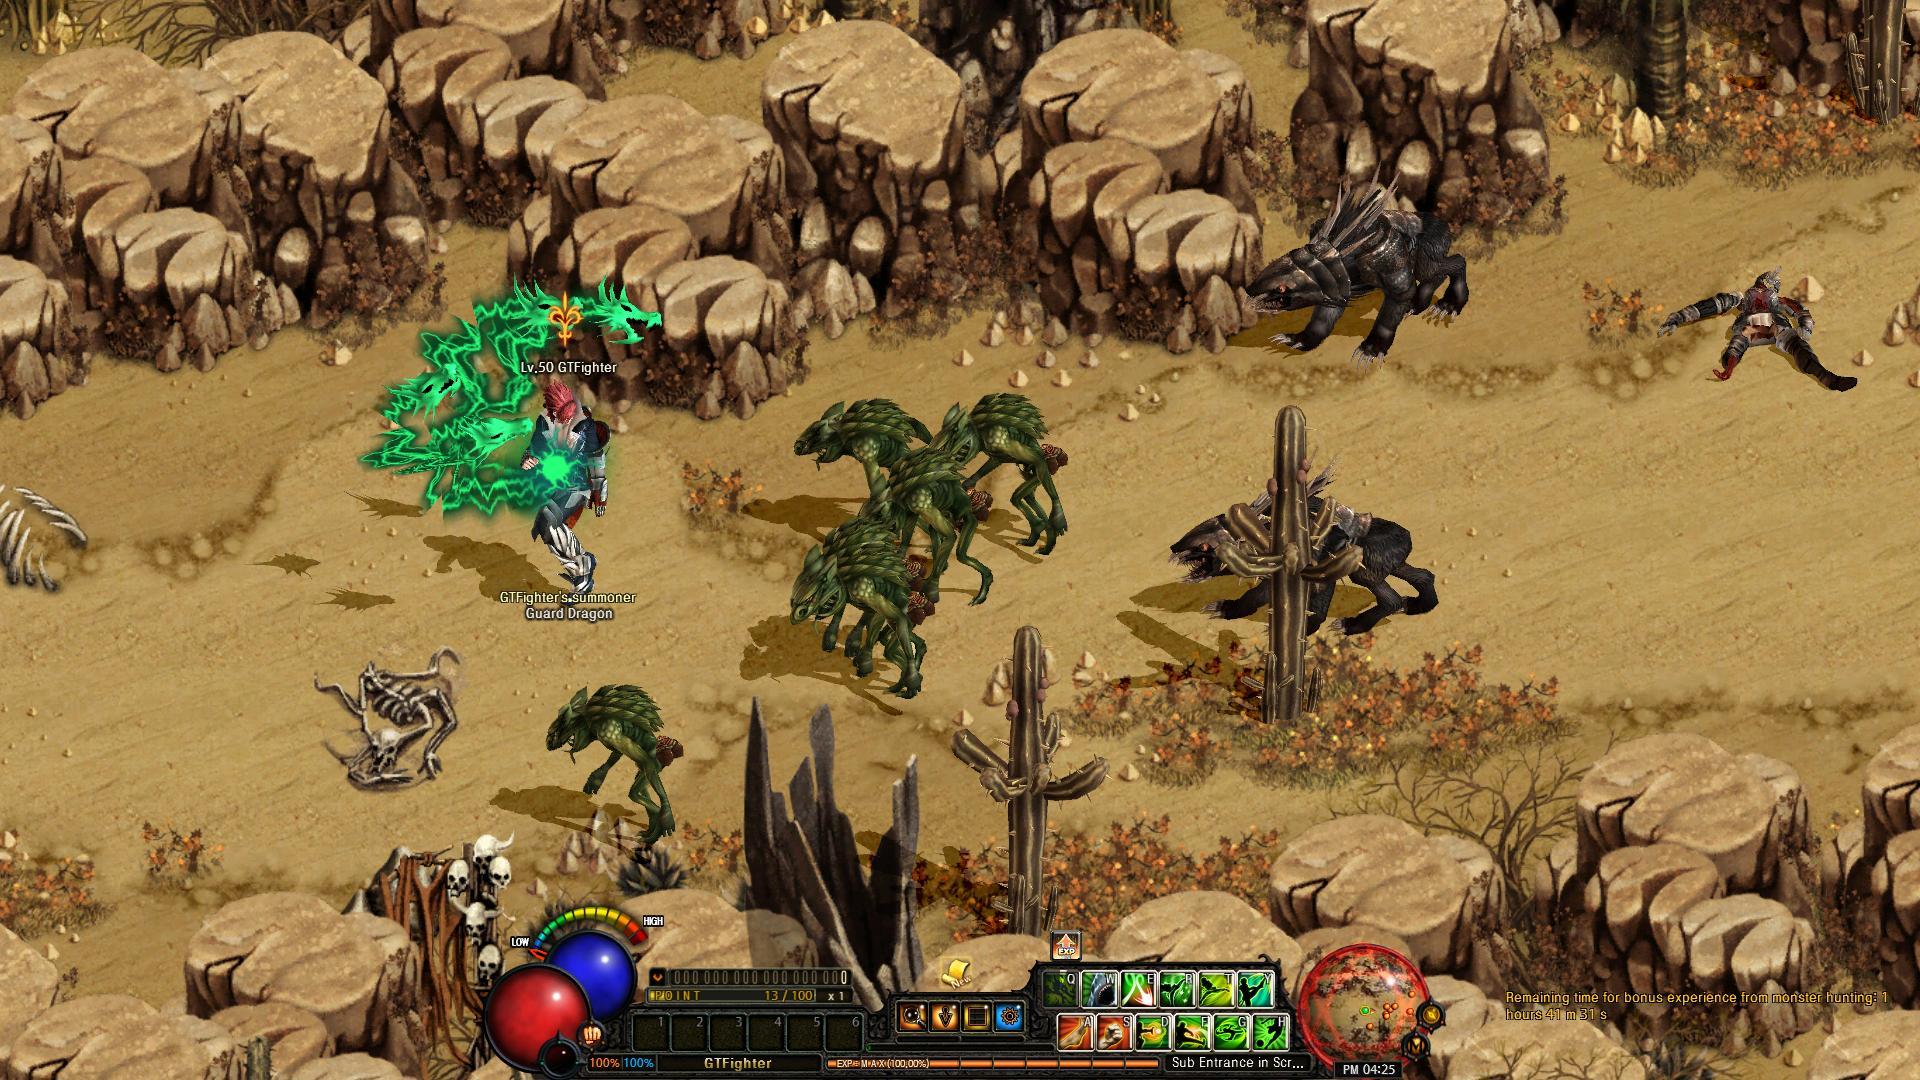 Dark Blood Online - Fighter screenshot 2